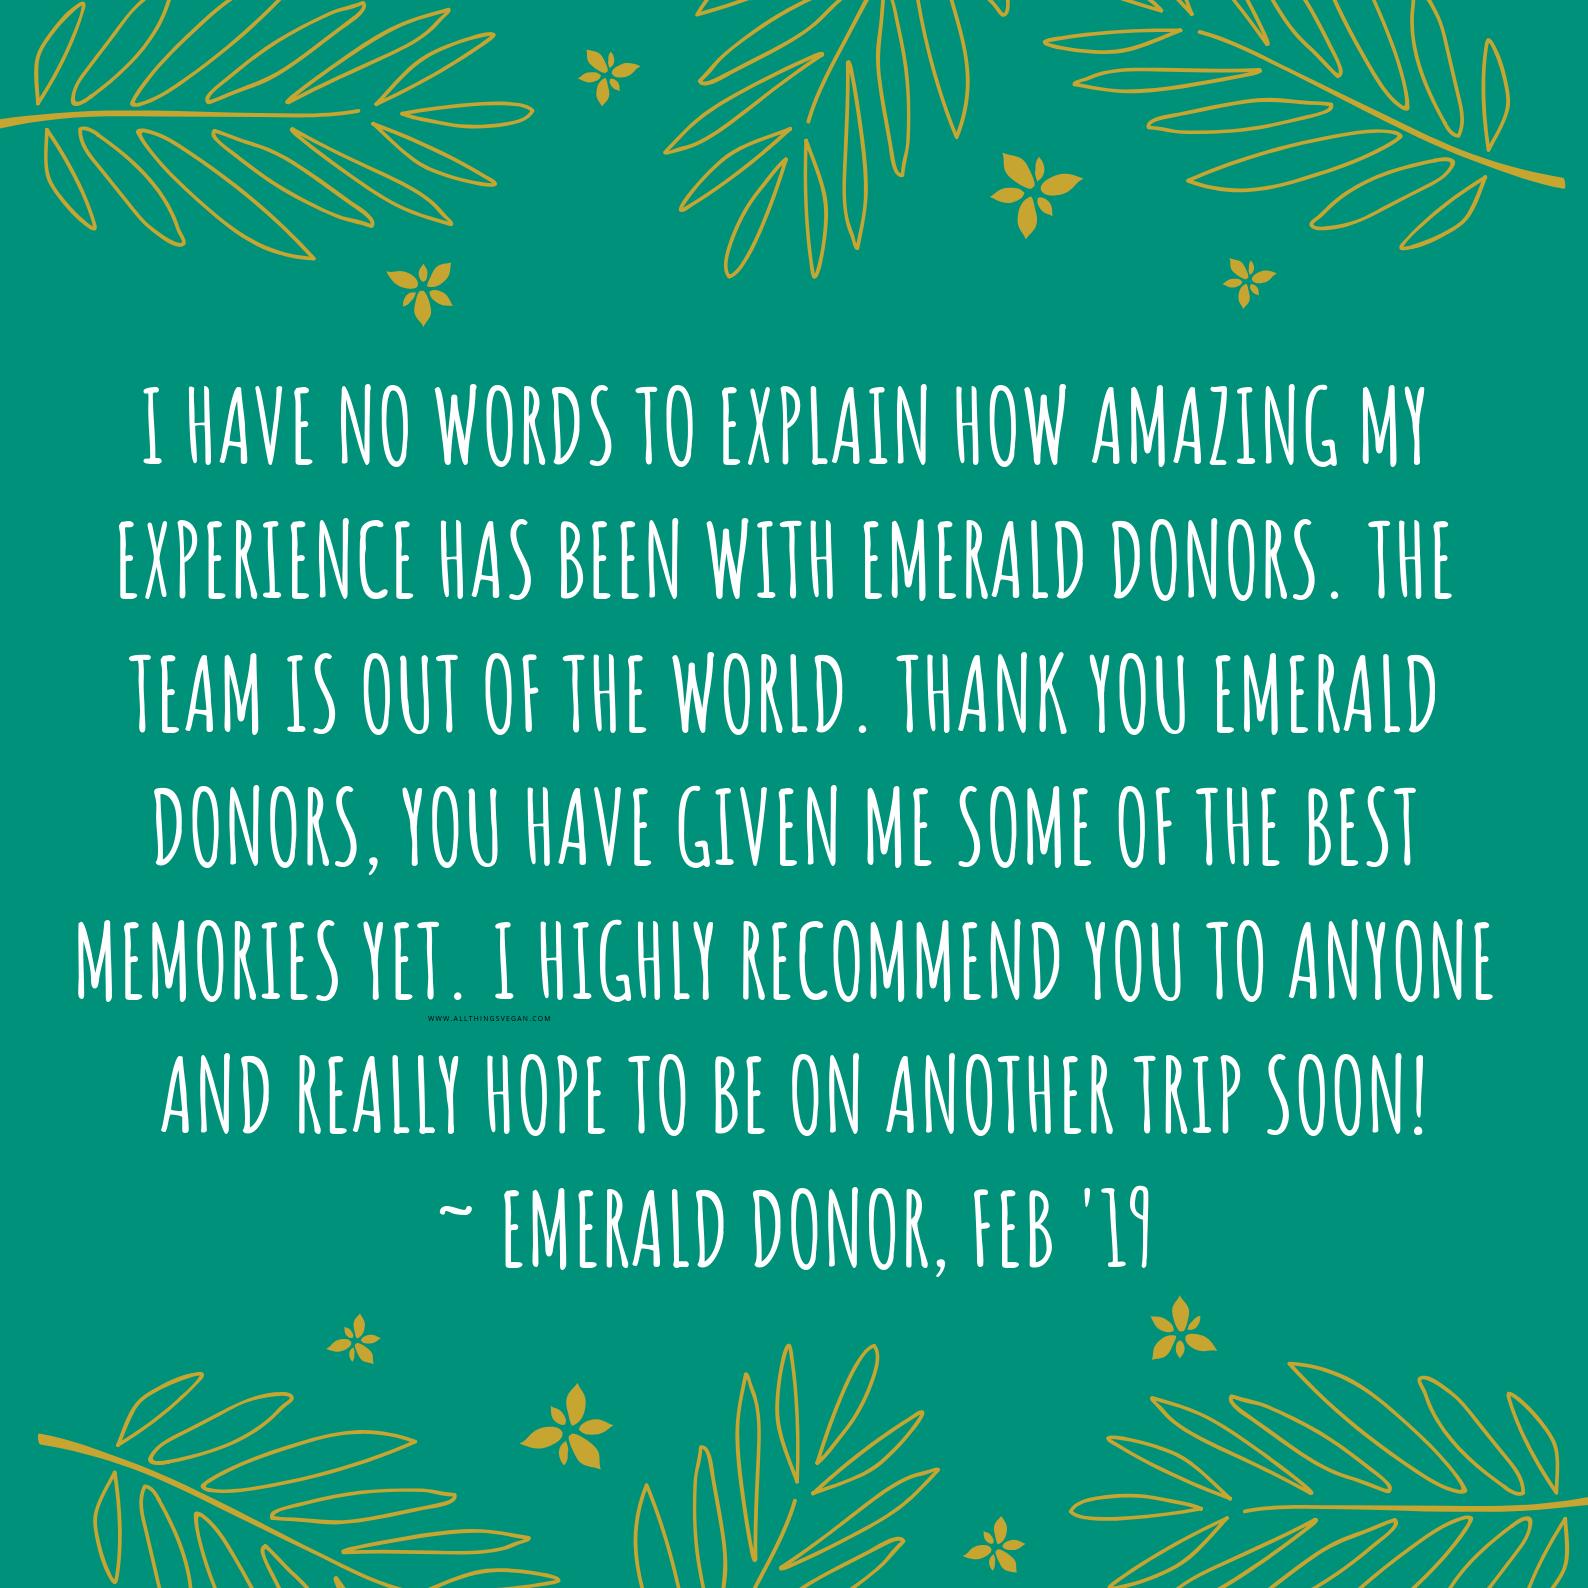 Donor Feedback